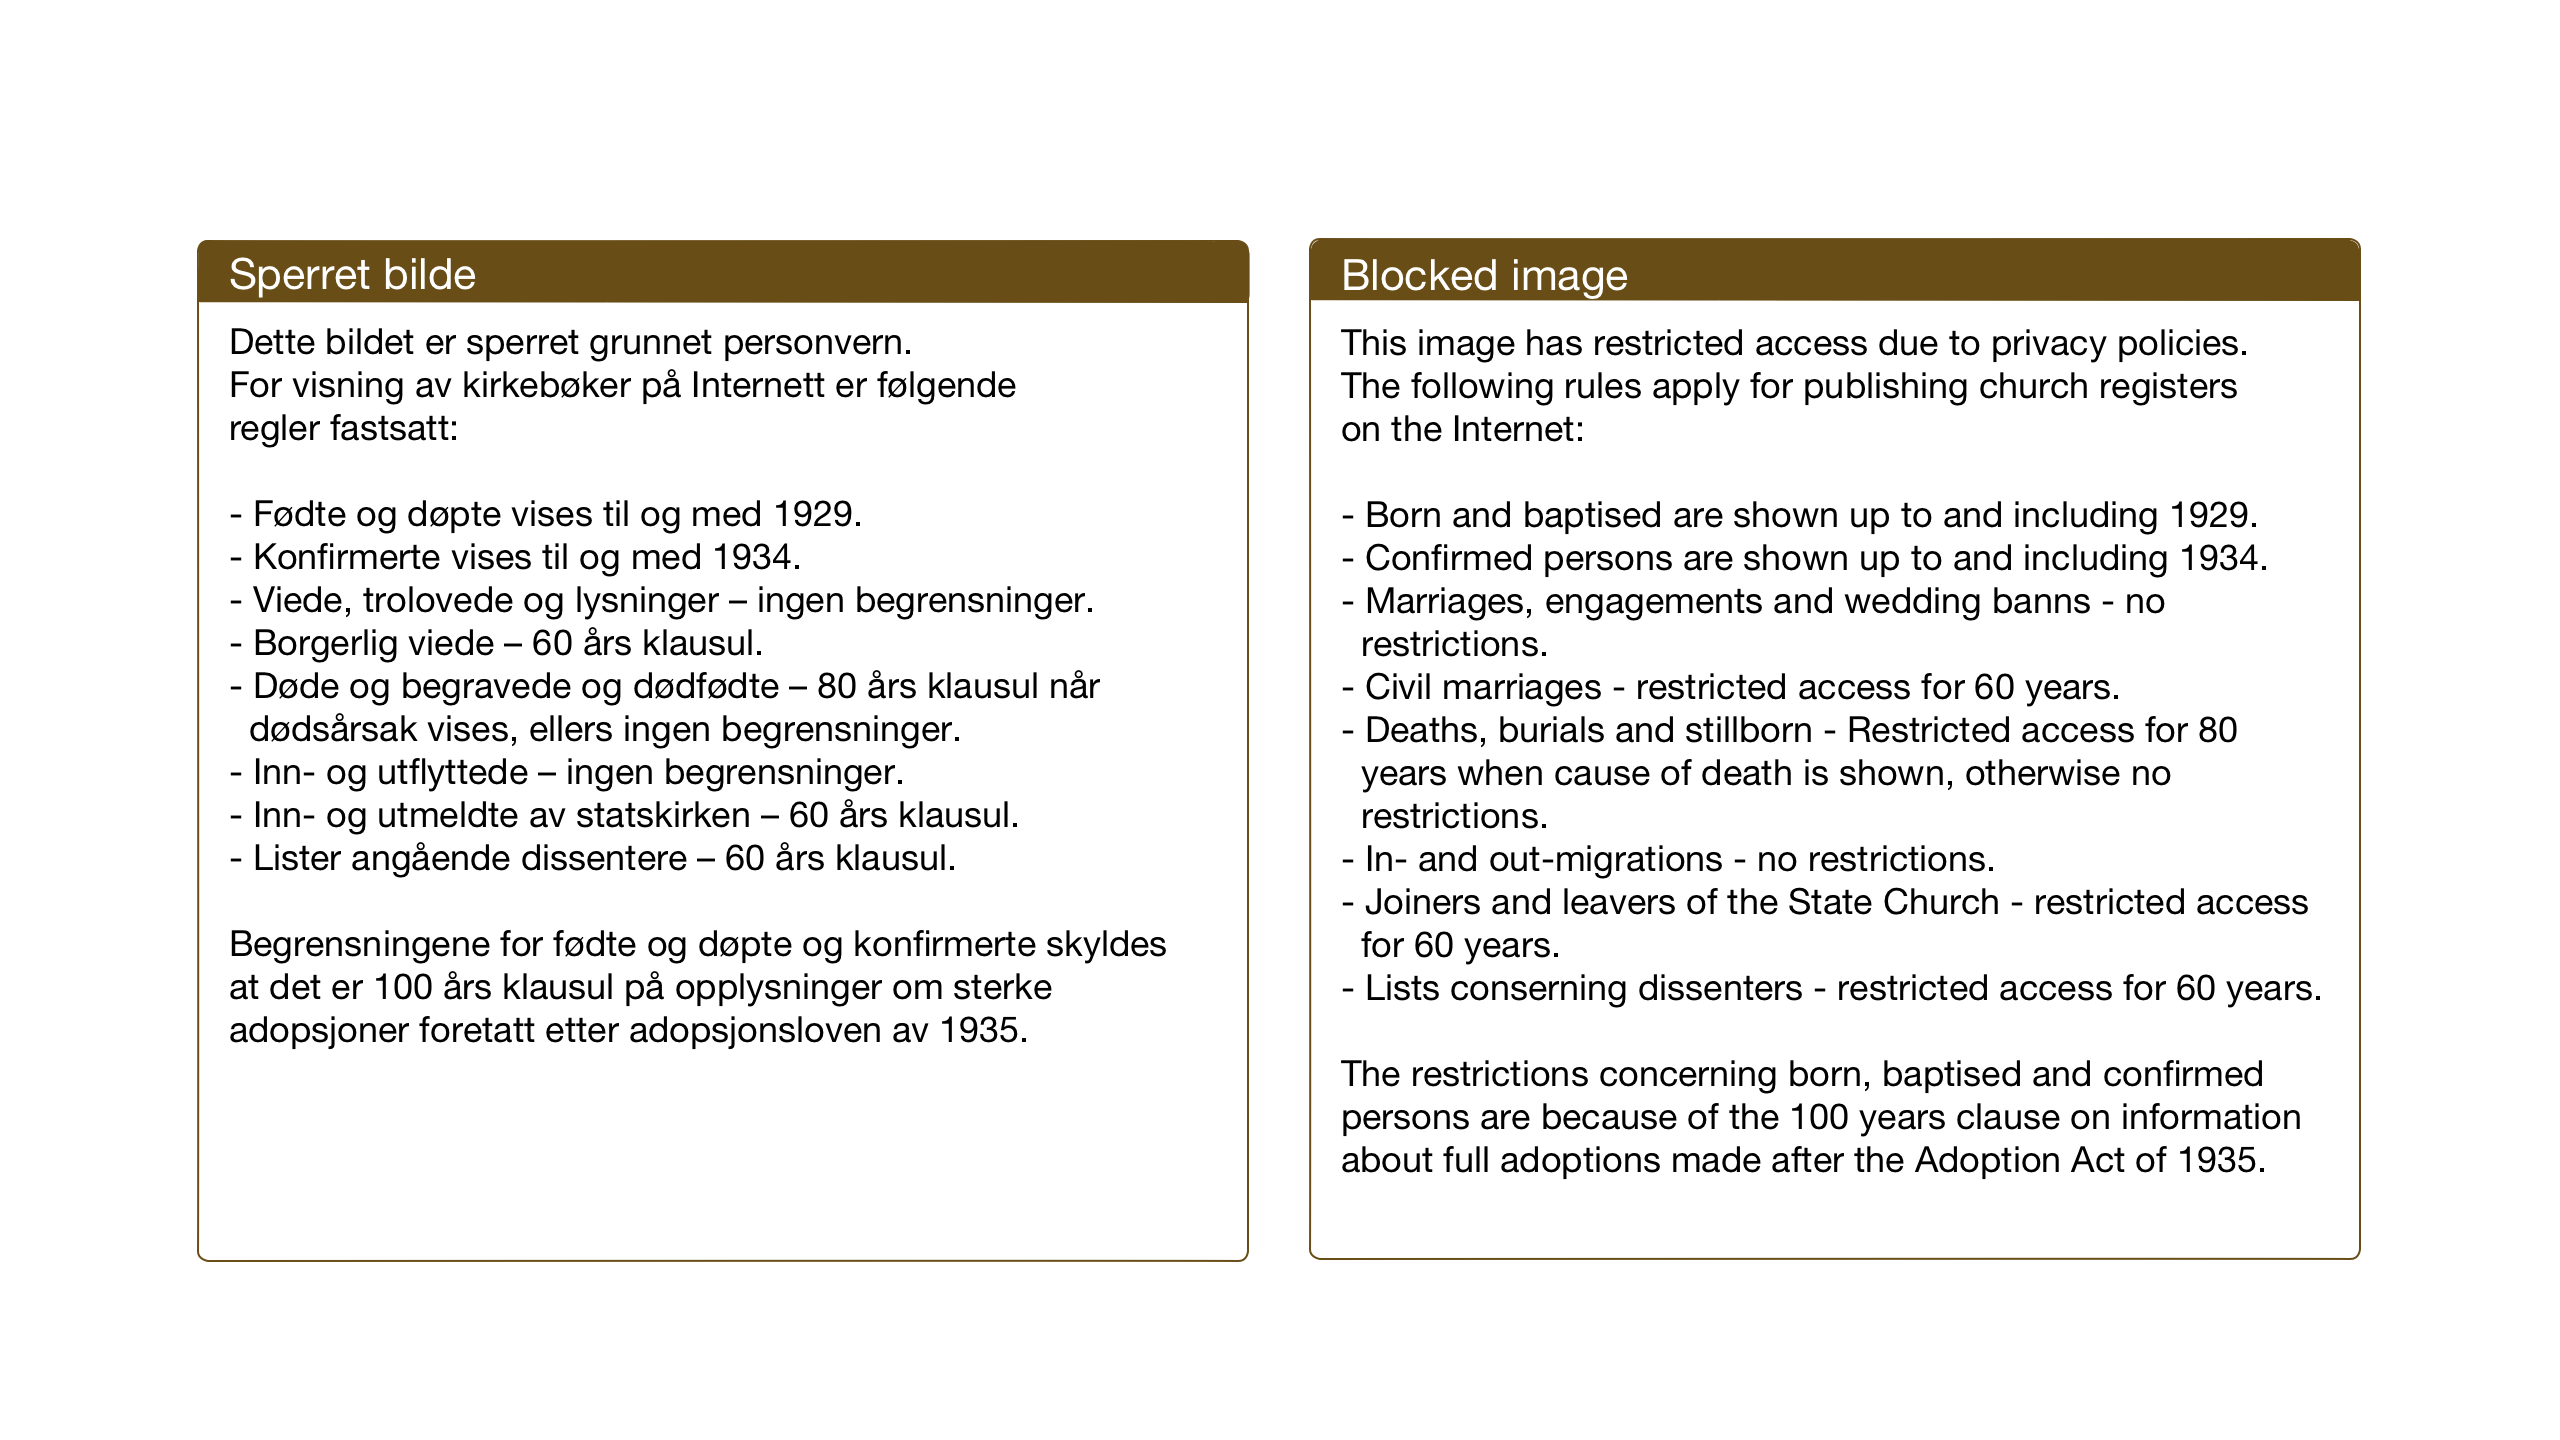 SAT, Ministerialprotokoller, klokkerbøker og fødselsregistre - Nord-Trøndelag, 732/L0319: Klokkerbok nr. 732C03, 1911-1945, s. 37